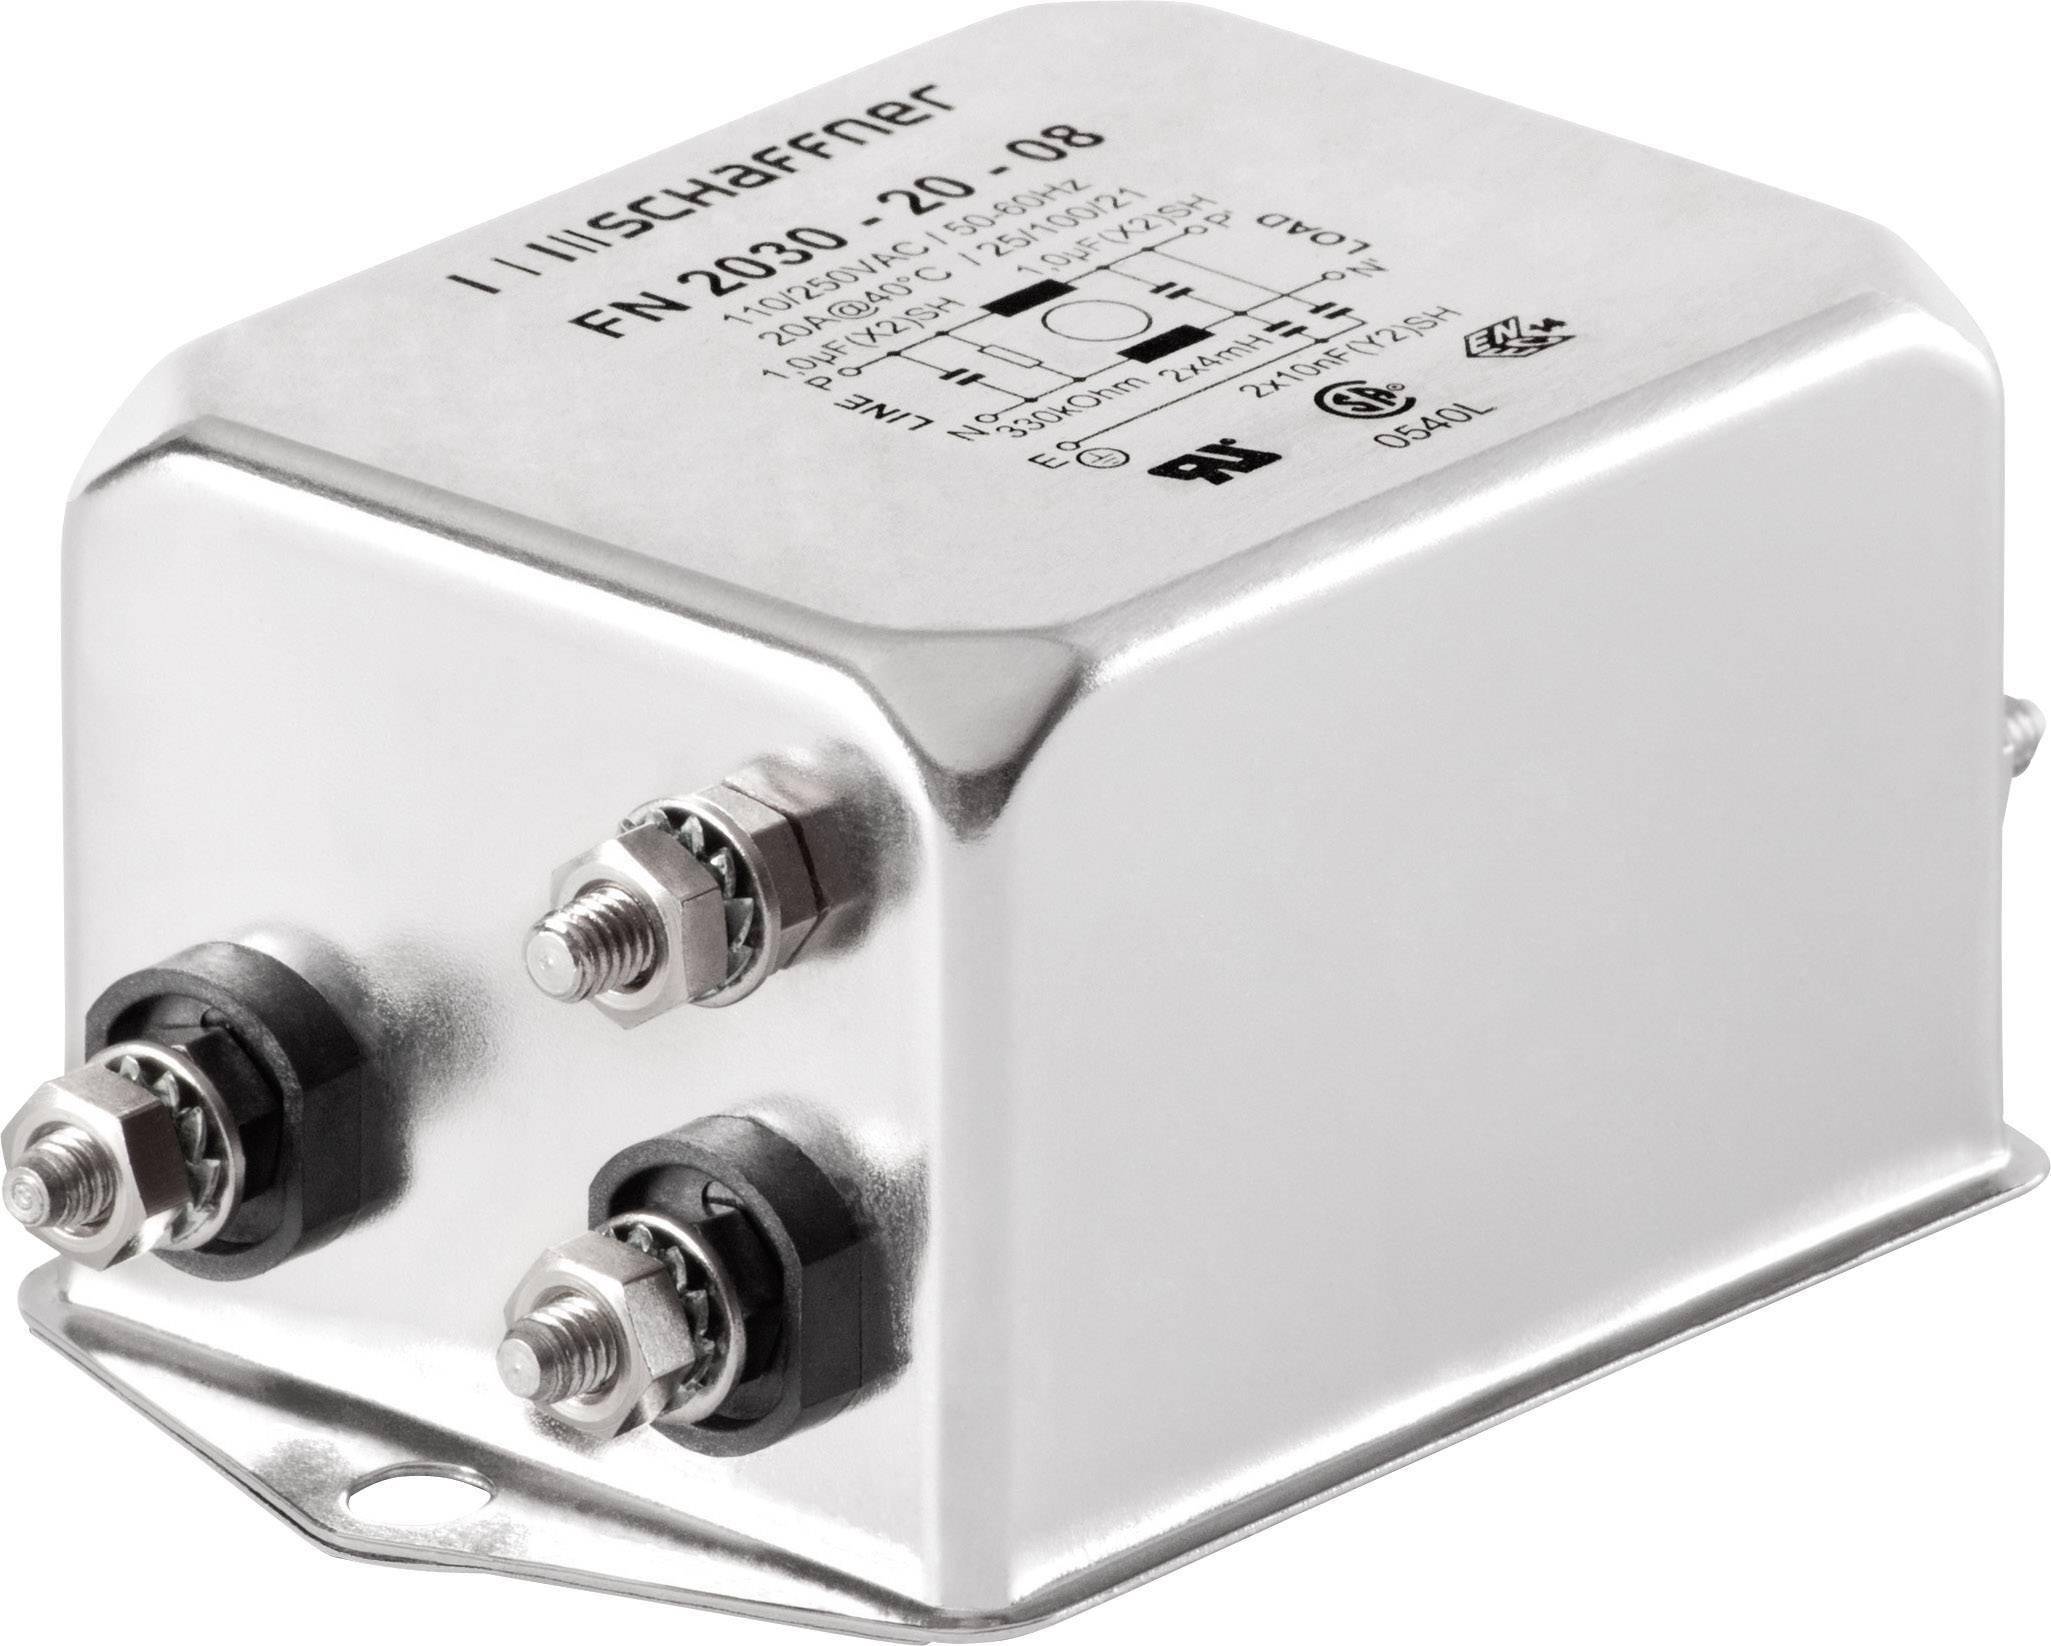 Jednofázový síťový filtr Schaffner, FN2030-30-08, 2 mH, 250 V/AC, 30 A